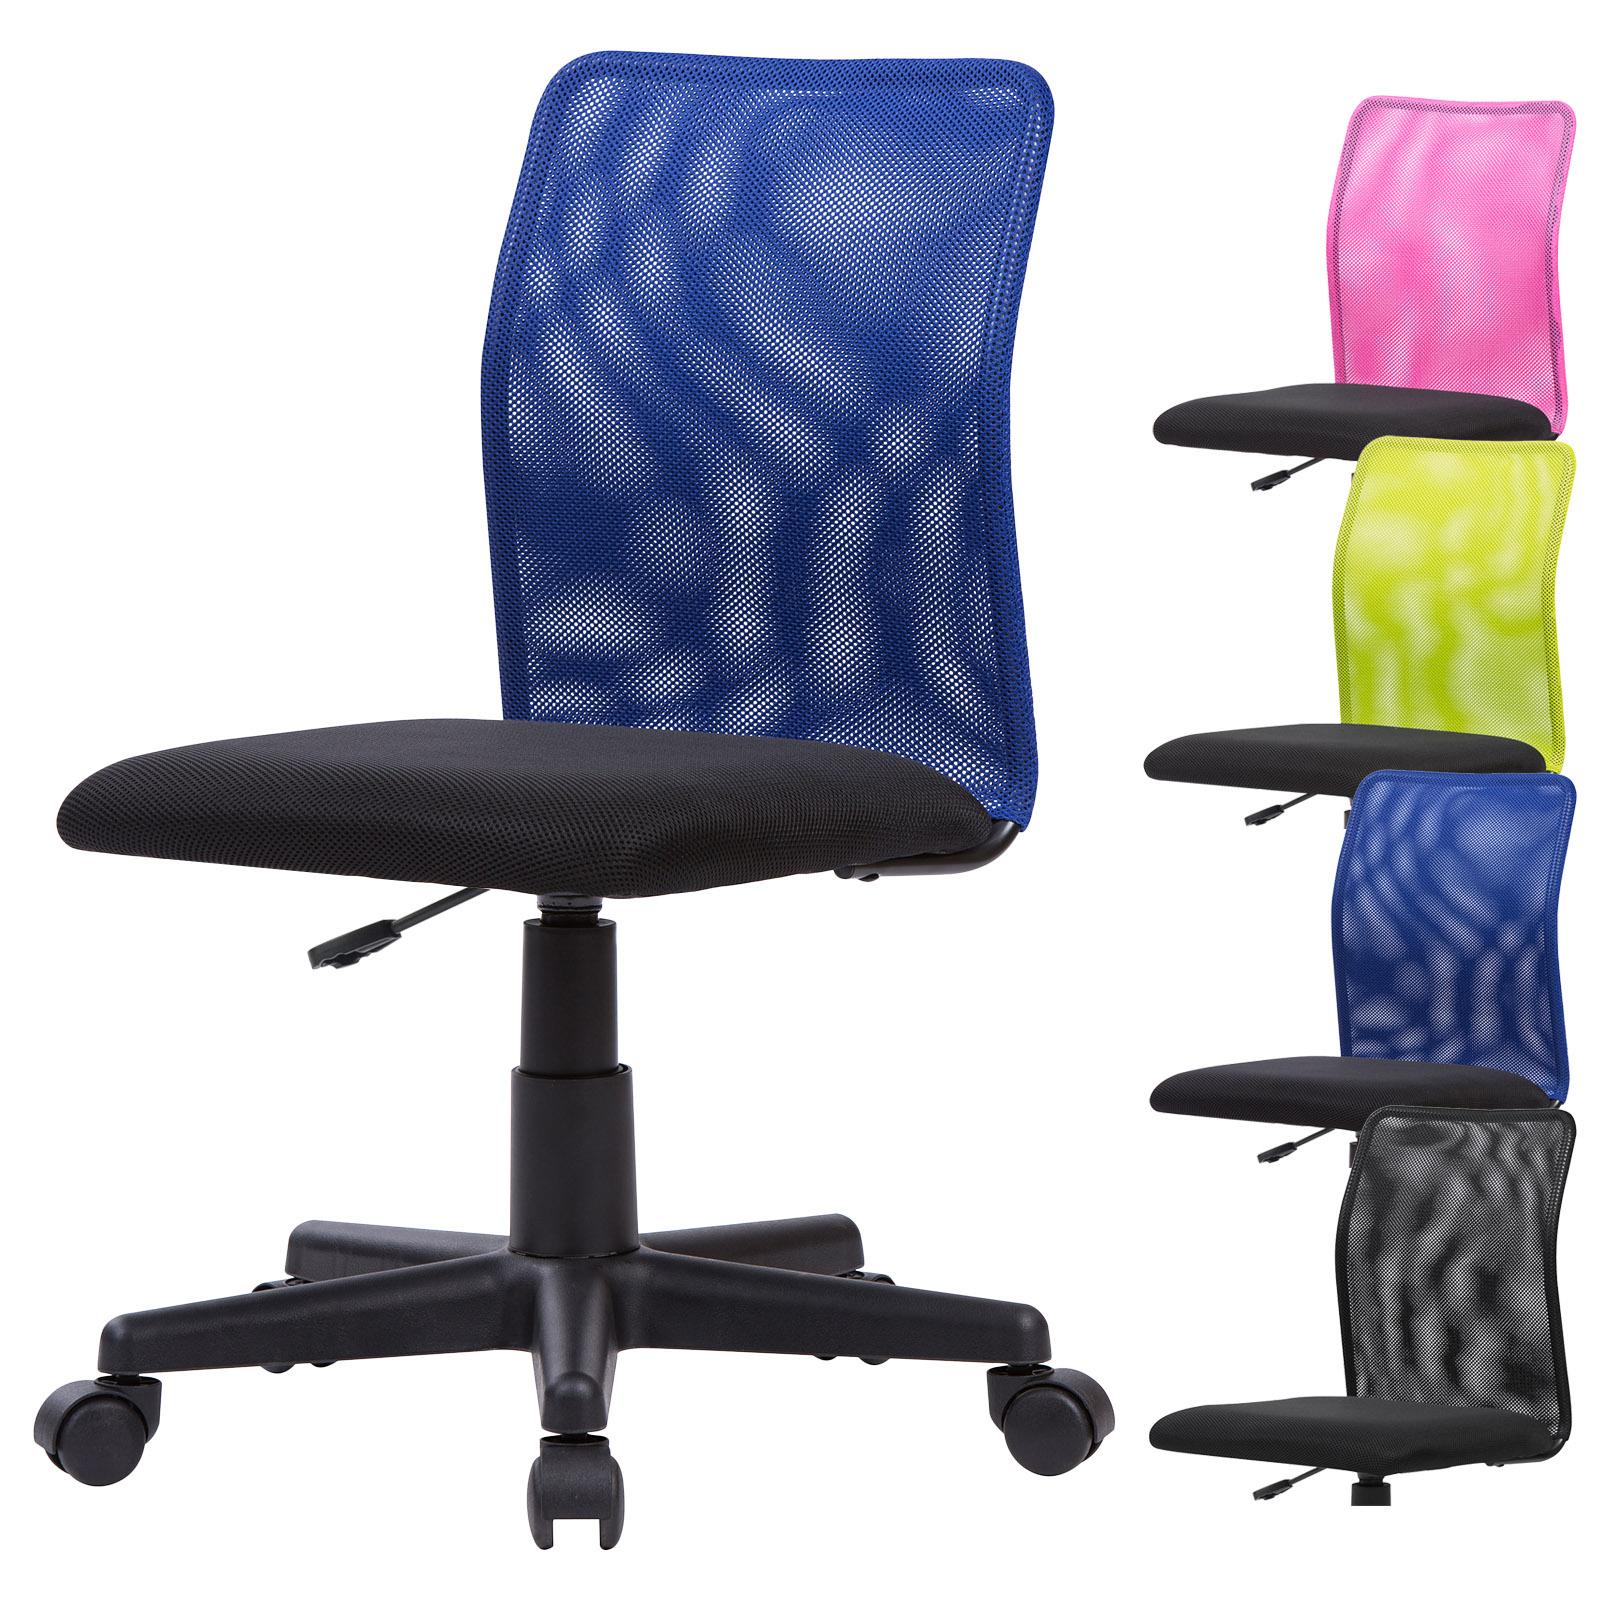 Chaise De Bureau Pivotante En Simili Cuir Linge Nylon